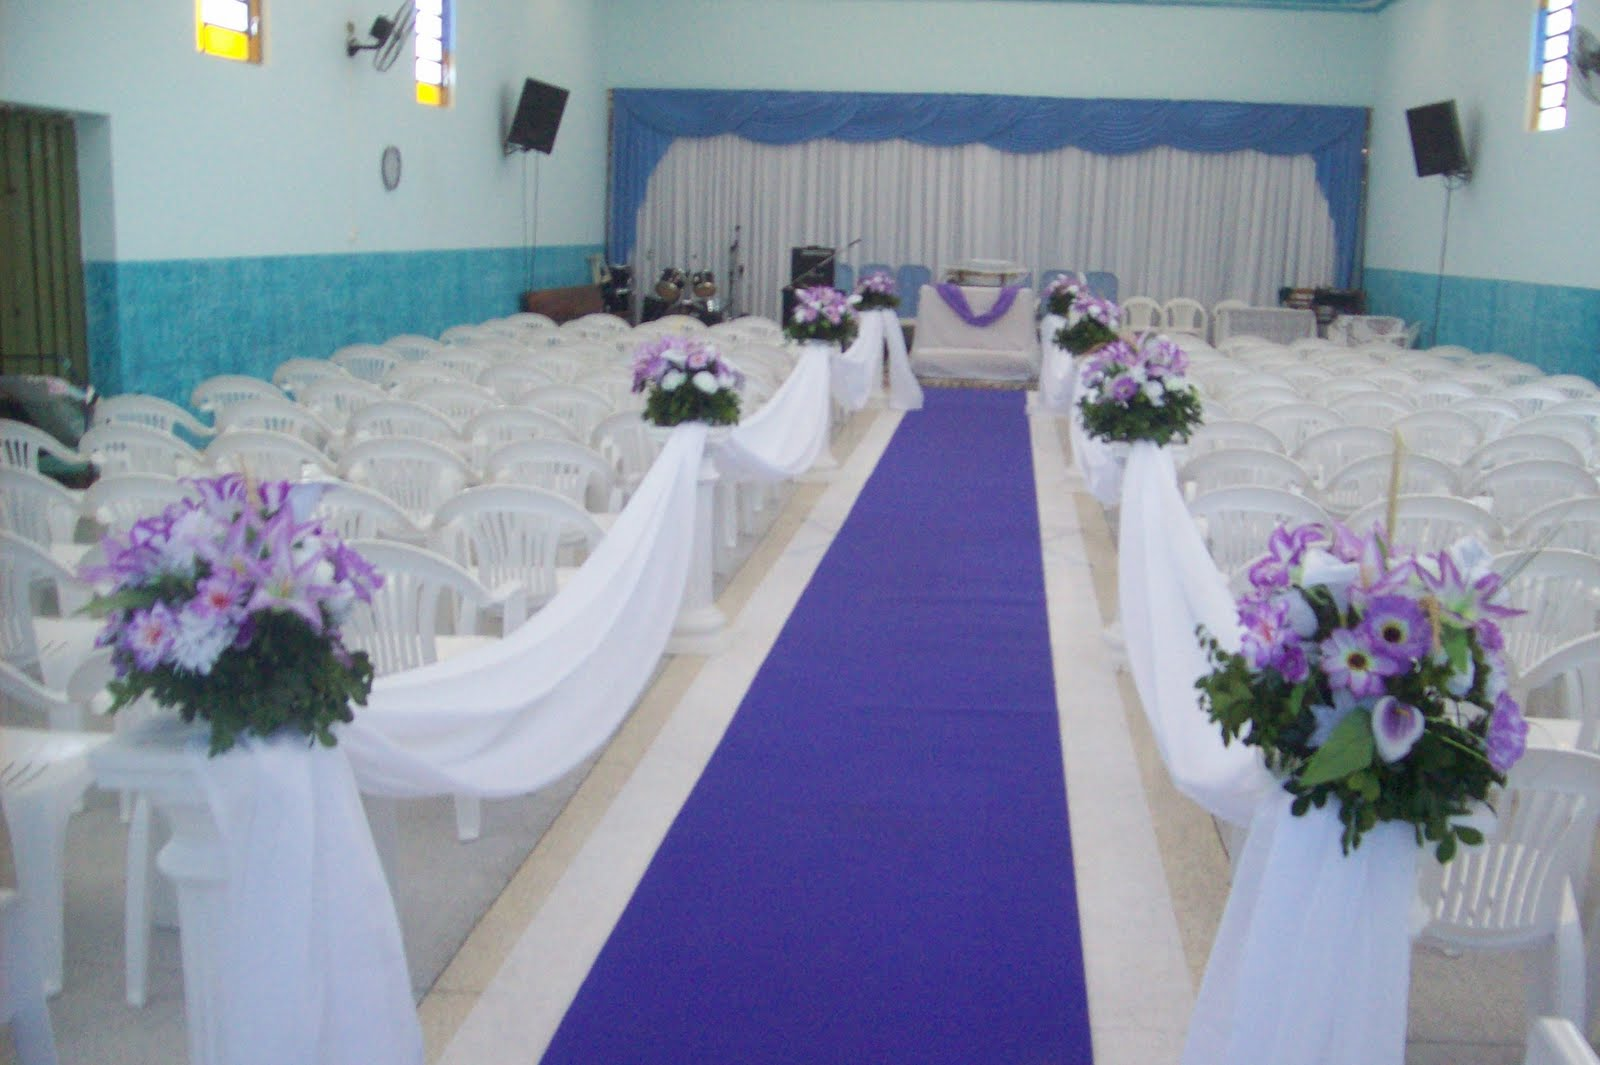 decoracao de casamento na igreja azul e amarelo:Decoração de Igreja para Casamento Evangélico